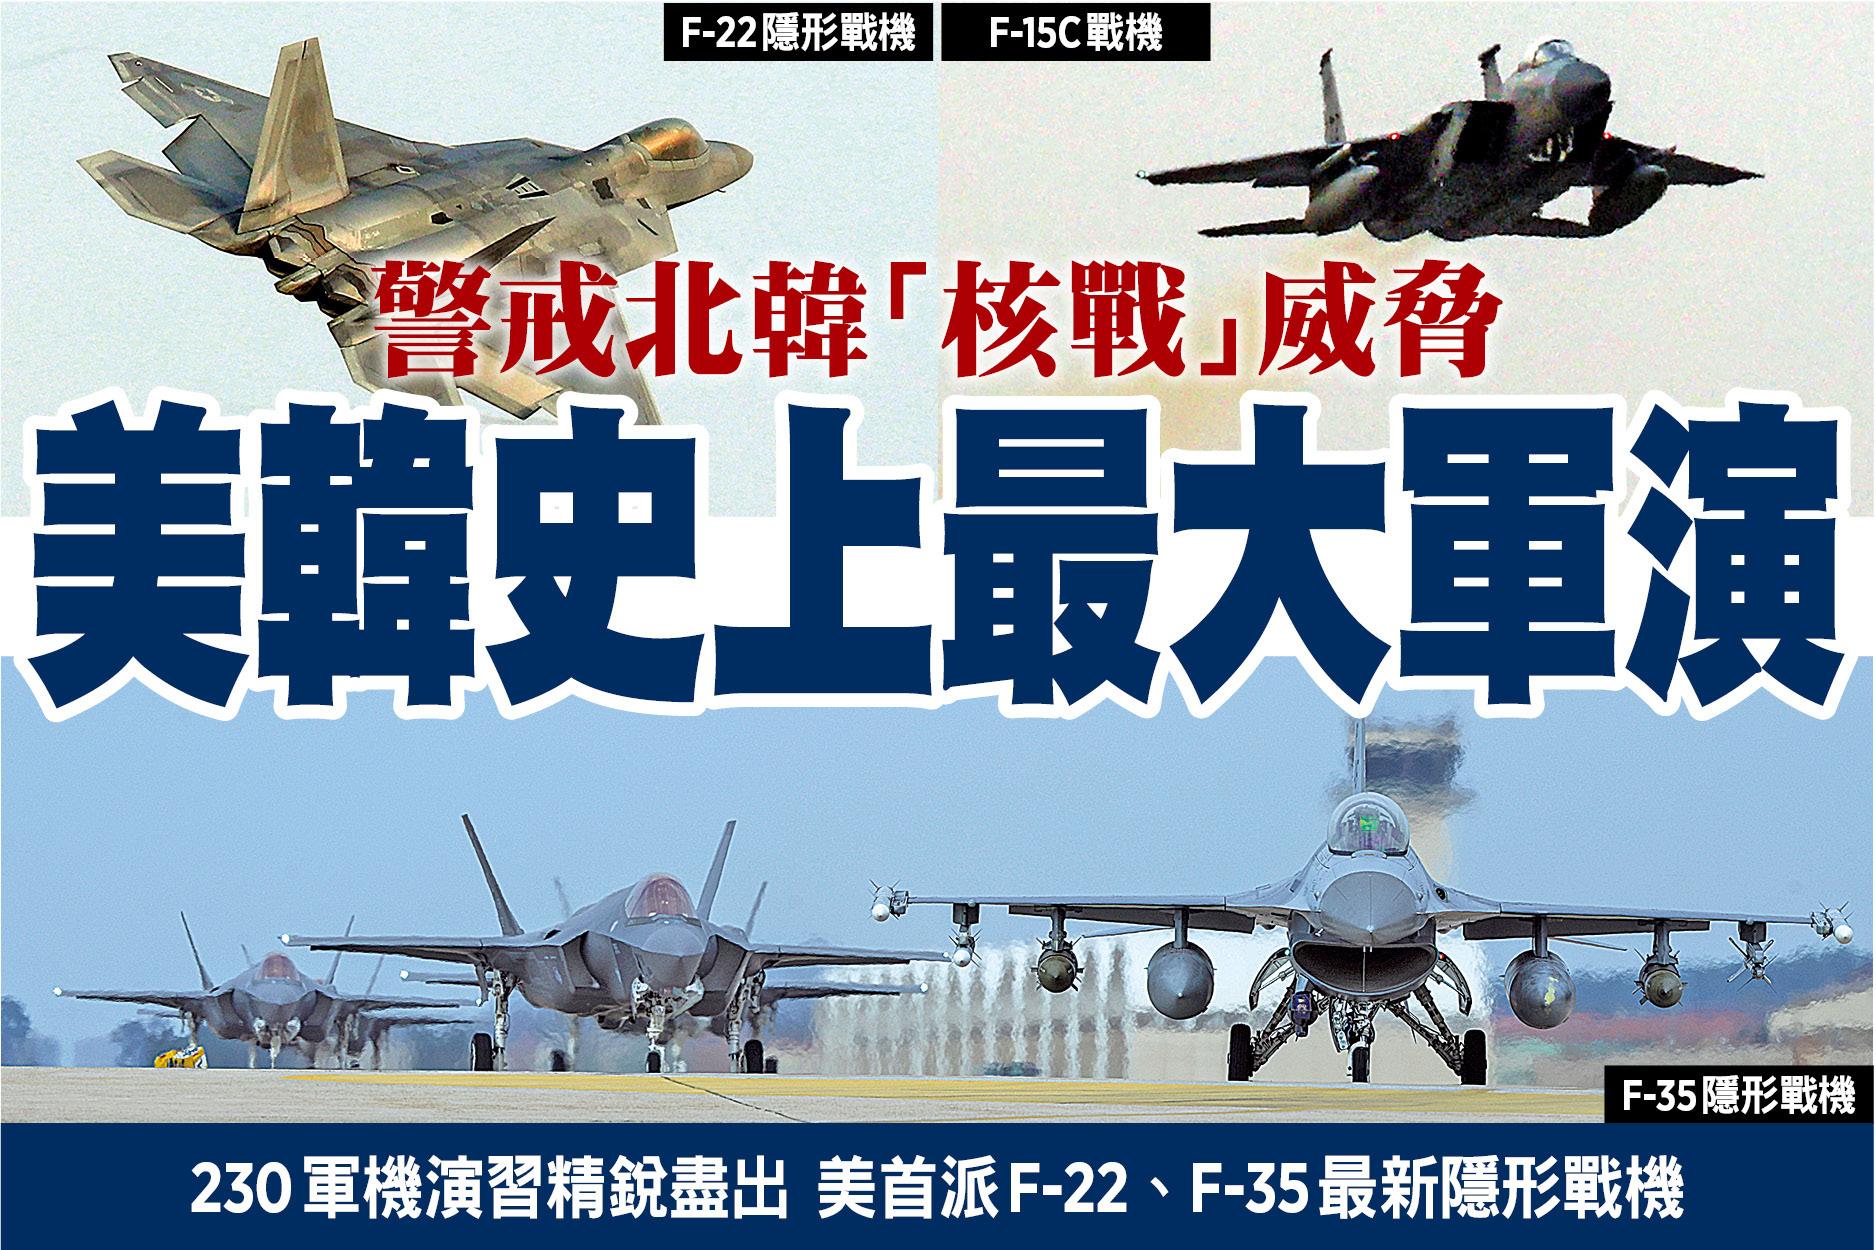 警戒北韓「核戰」威脅 美韓史上最大軍演